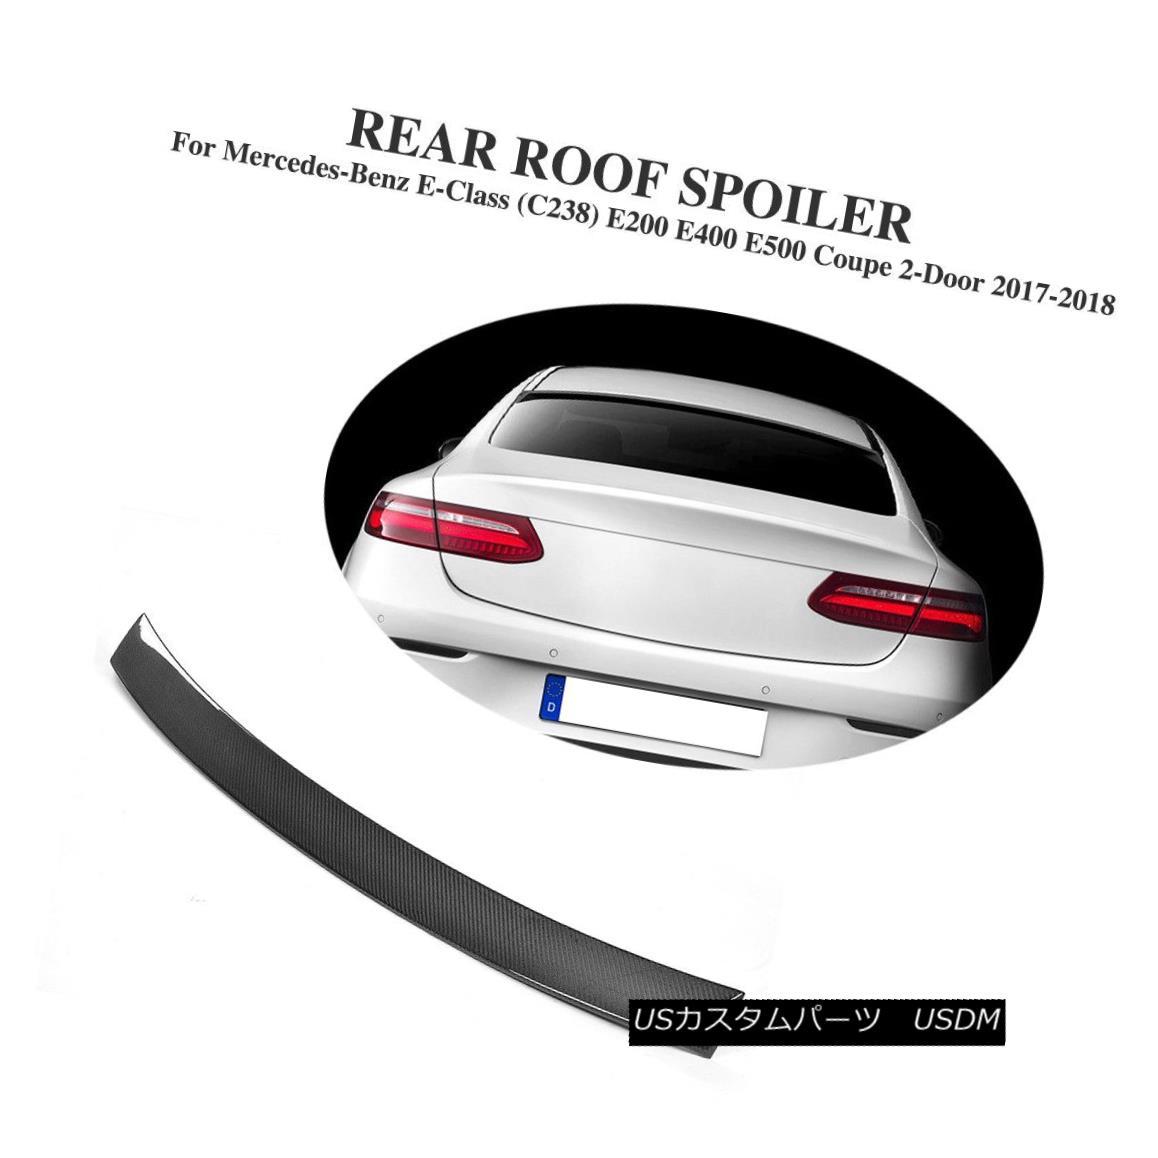 エアロパーツ Roof Spoiler Carbon Fiber Fit For Benz E-Class C238 E200 E400 E500 Coupe 17-18 ベンツEクラスC238 E200 E400 E500クーペ17-18用ルーフスポイラーカーボンファイバーフィット